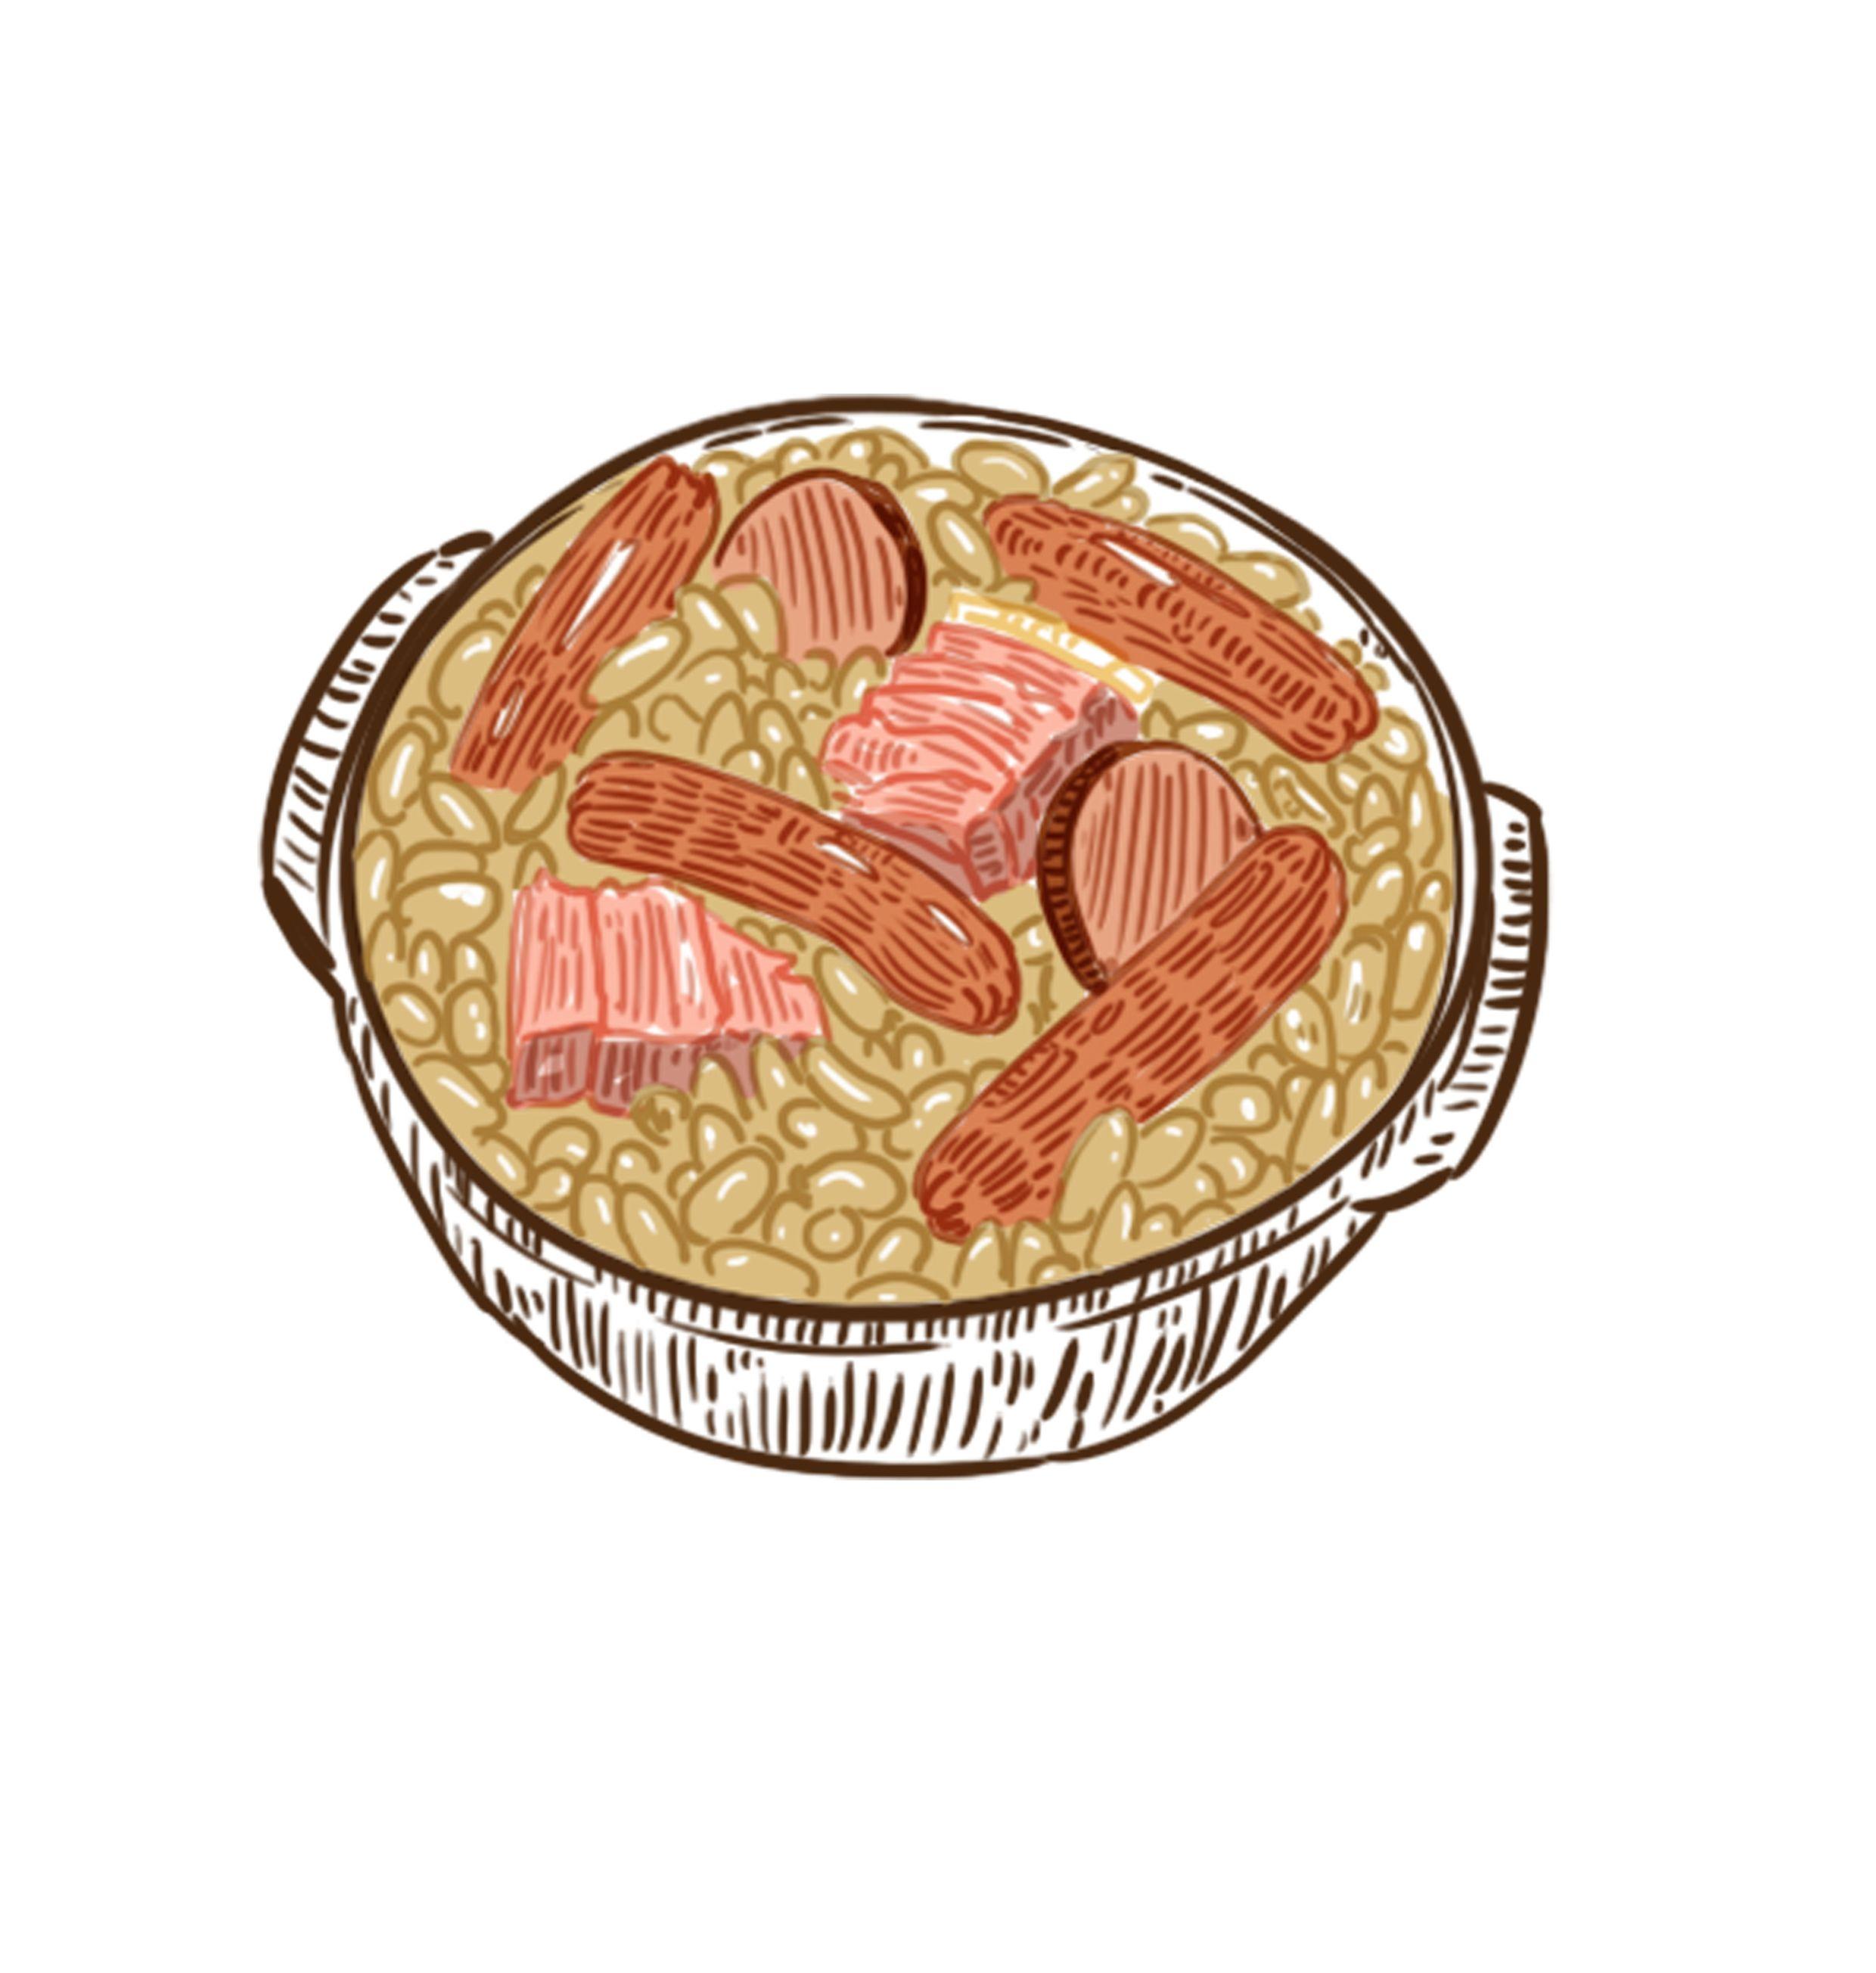 #음식 #그림 #일러스트레이션 #일러스트 #cassoulet #food #nourriture #draw #french #frenchfood #drawing #digital #sketch #fastdraw #dessin #cuisine